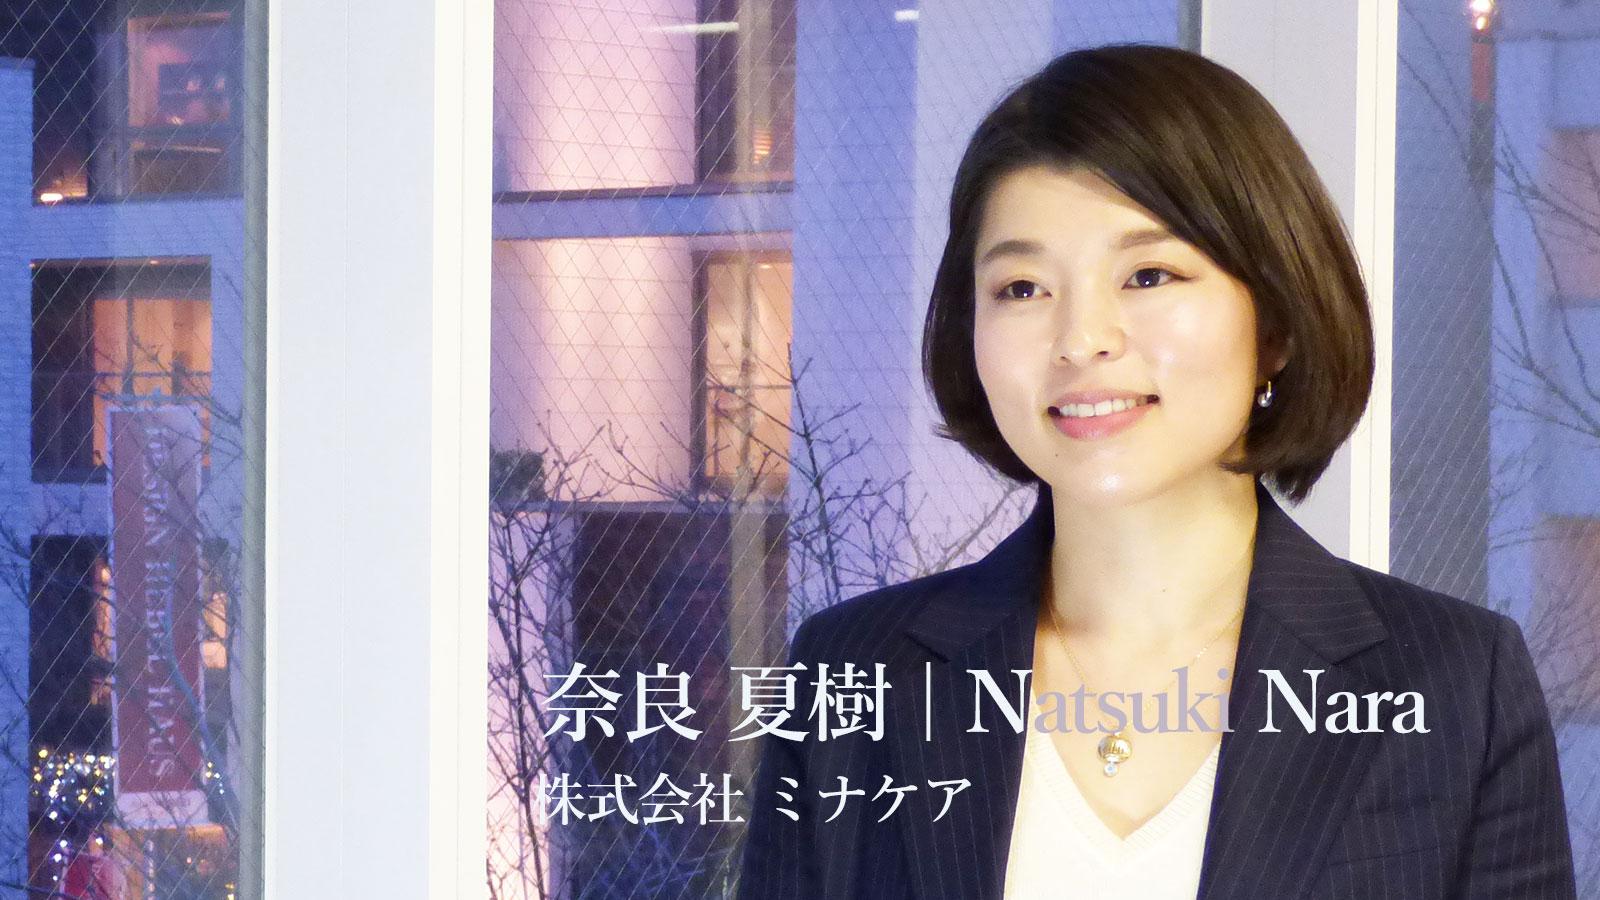 奈良夏樹先生『ビッグデータを活用して国民の健康に貢献する』の画像です